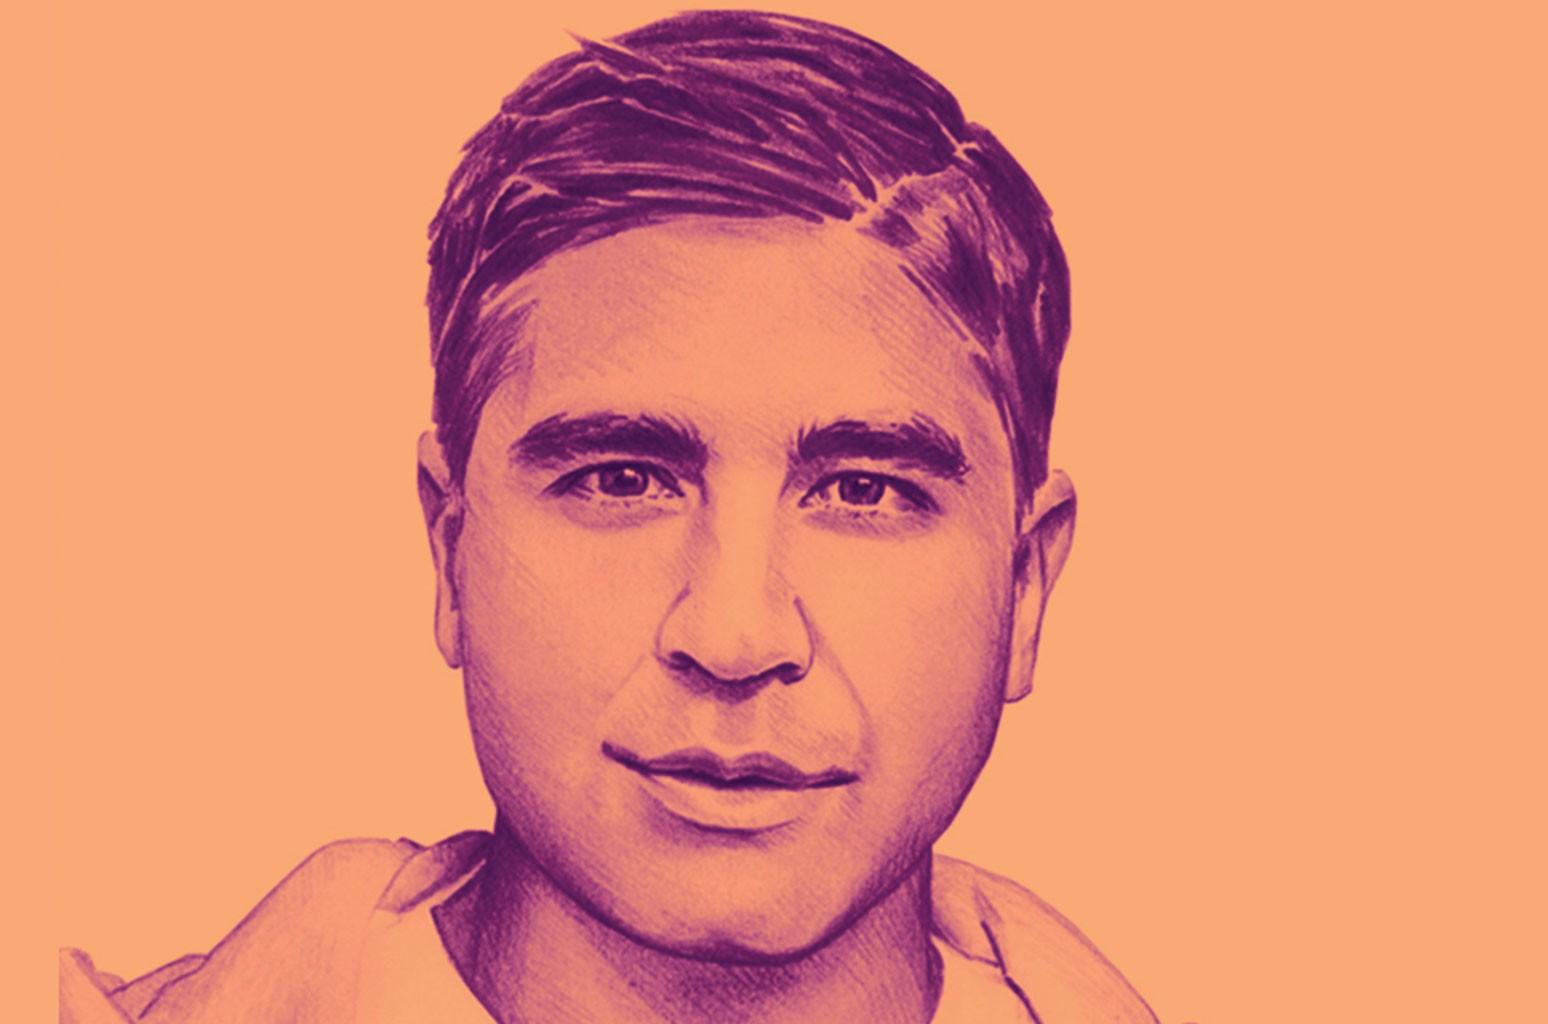 SK Sharma